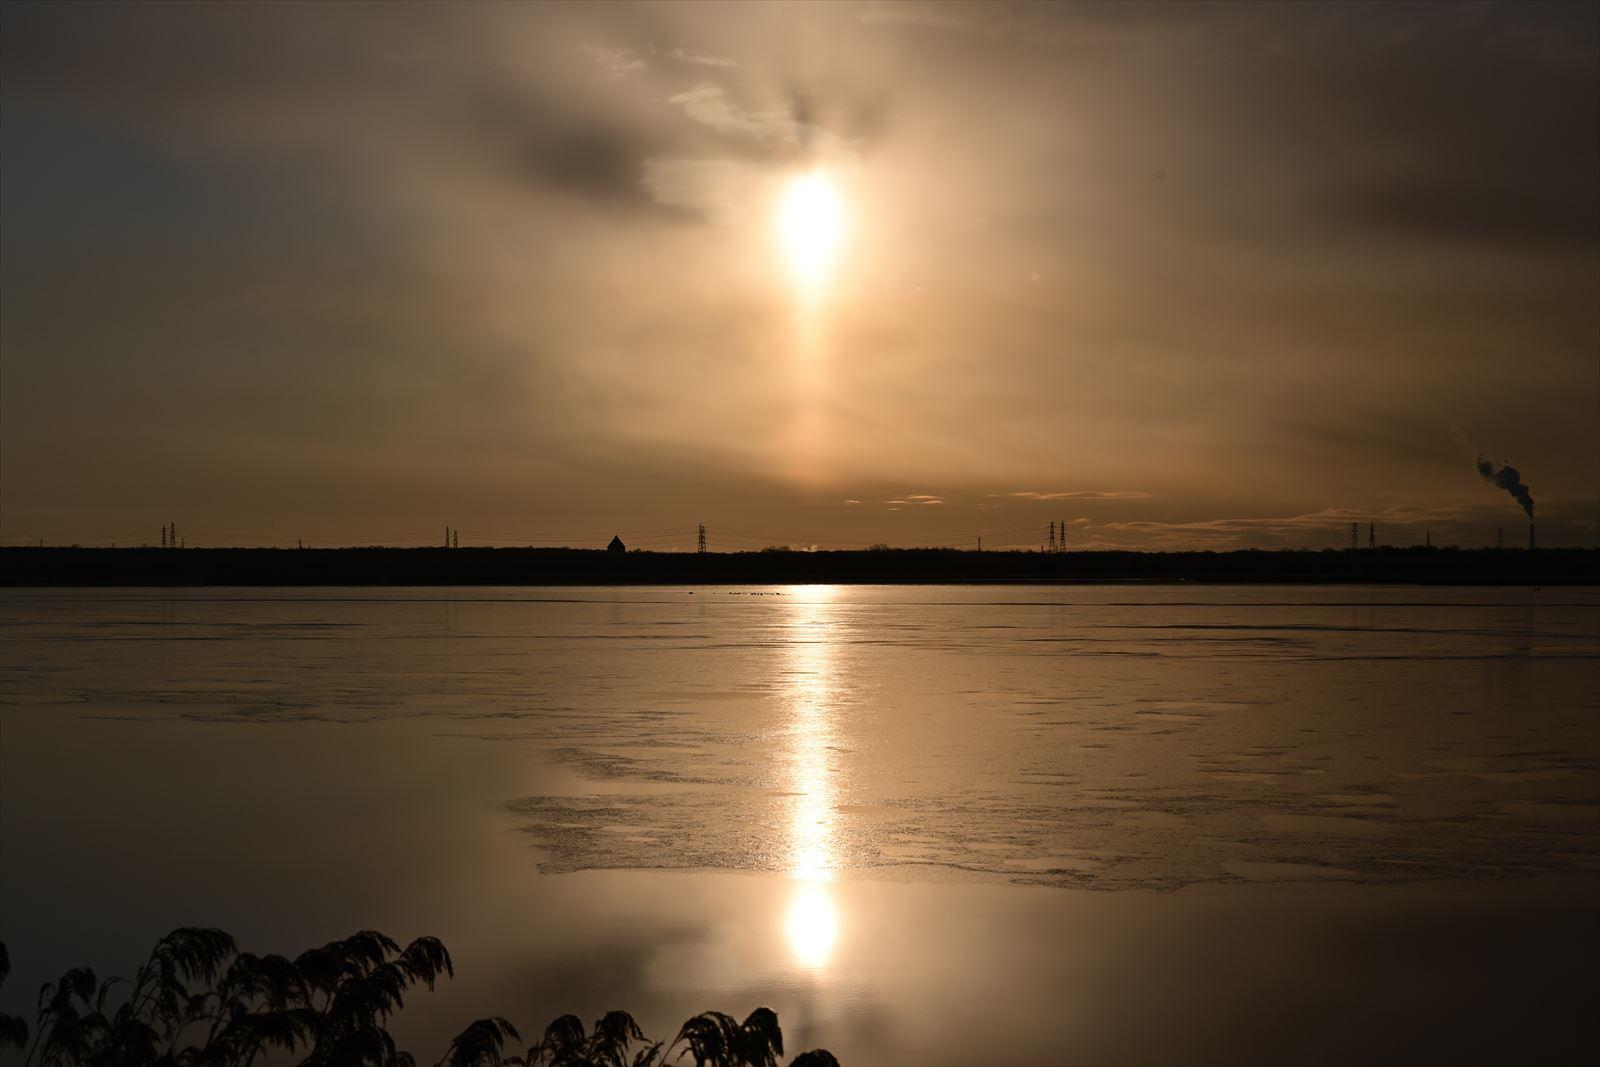 美しきウトナイ湖の夜明け 【 閲覧注意画像あり 】_a0145819_12464541.jpg